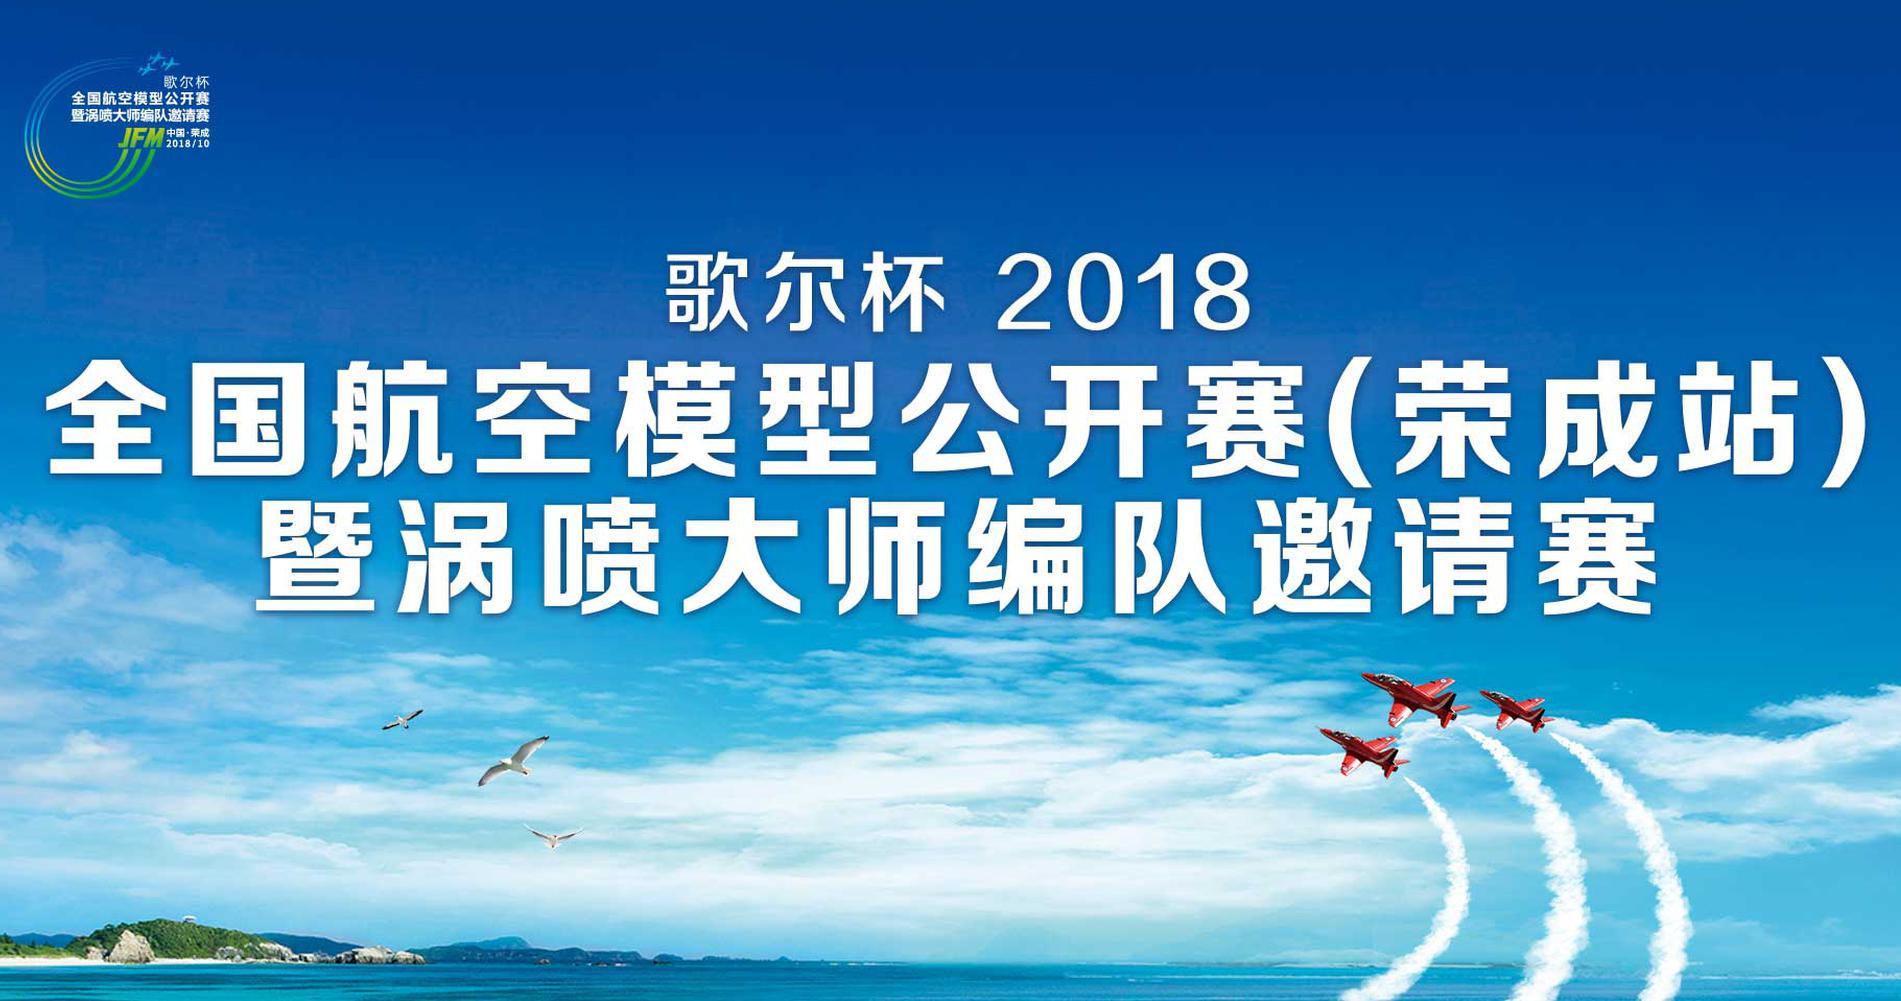 歌尔杯2018荣成涡喷赛启幕